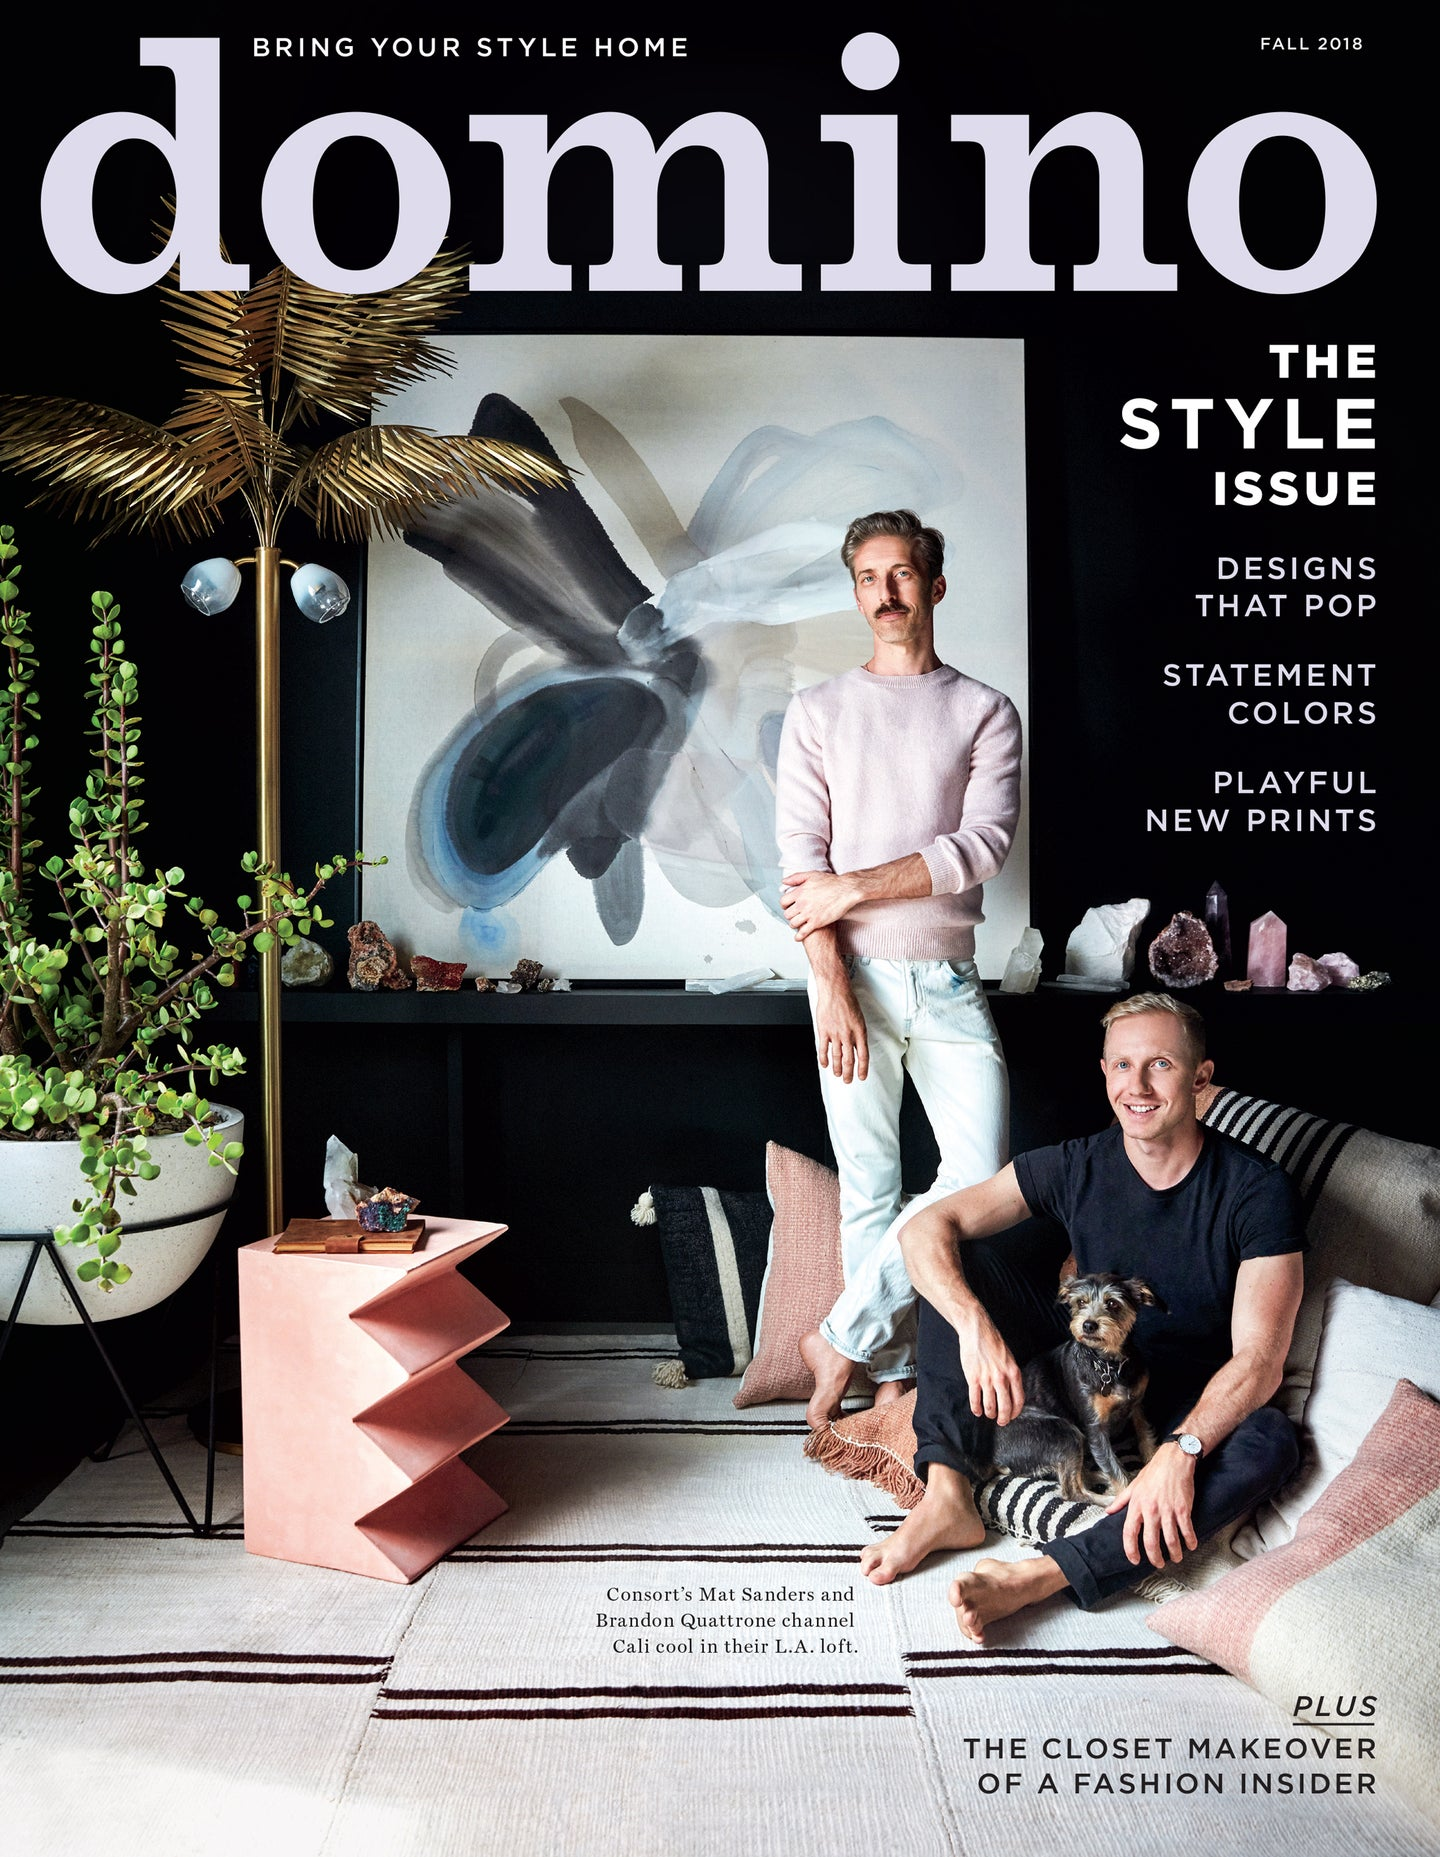 Fall 2018 Domino magazine cover